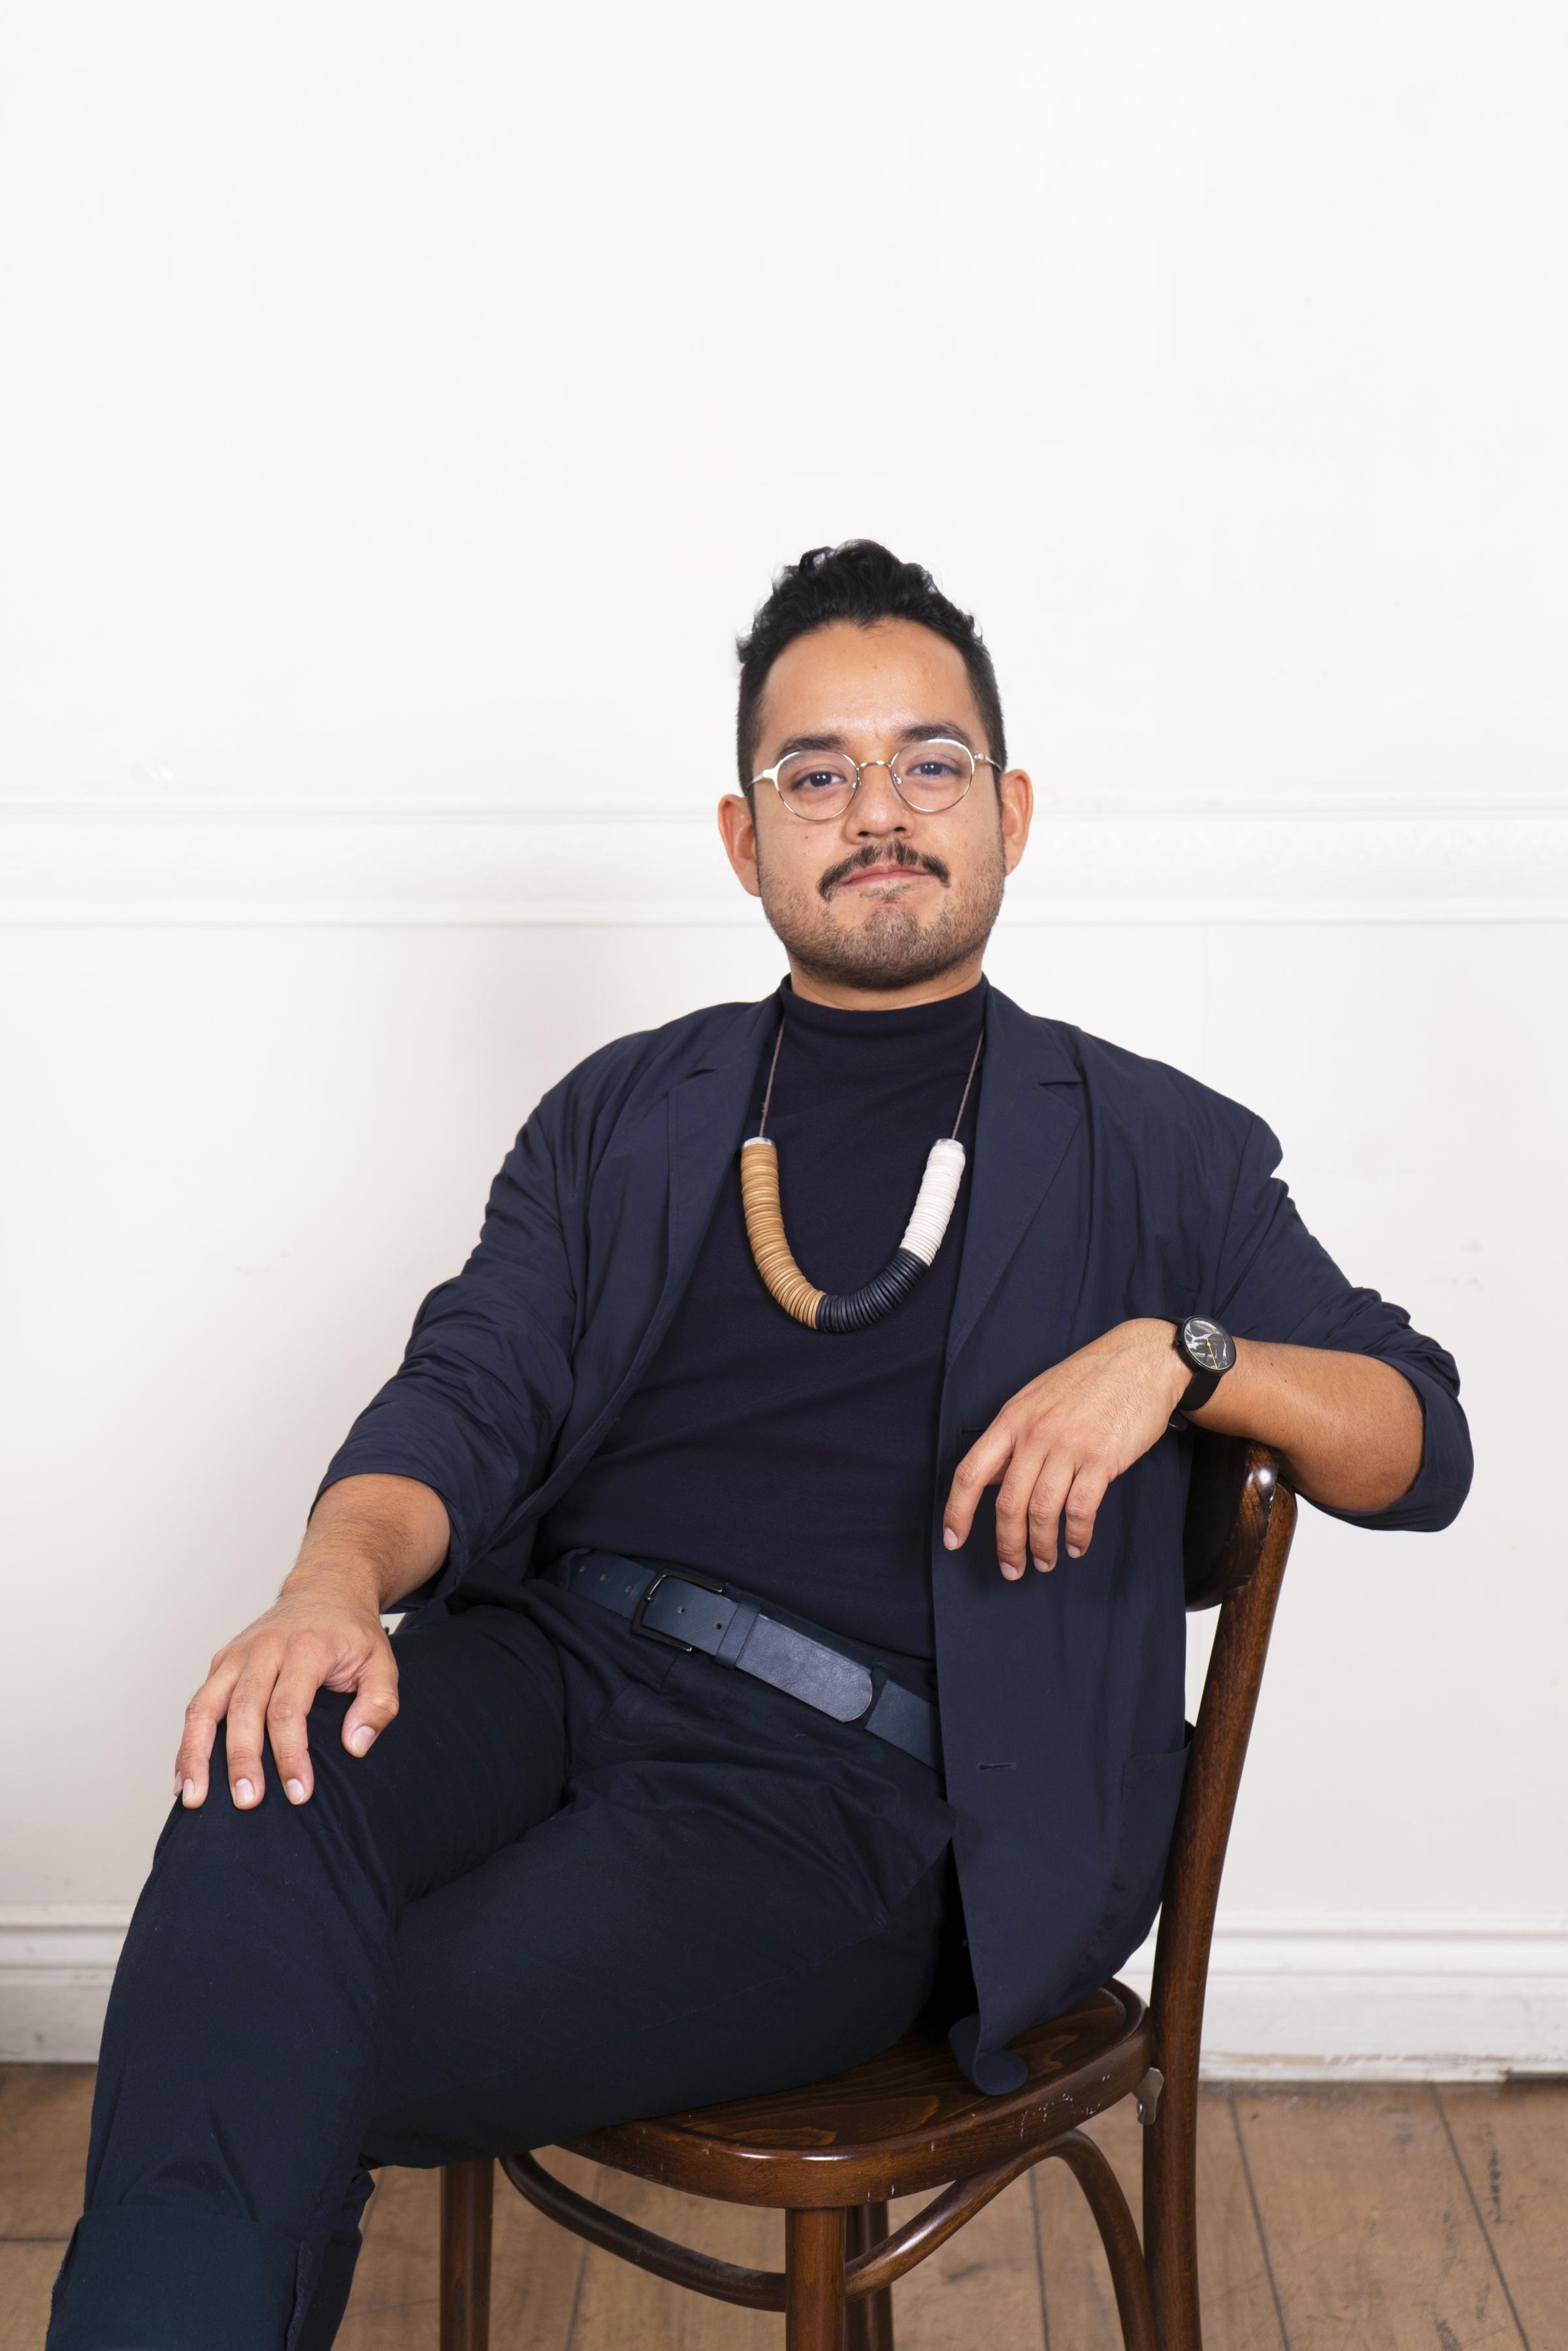 Andres Payan Estrada